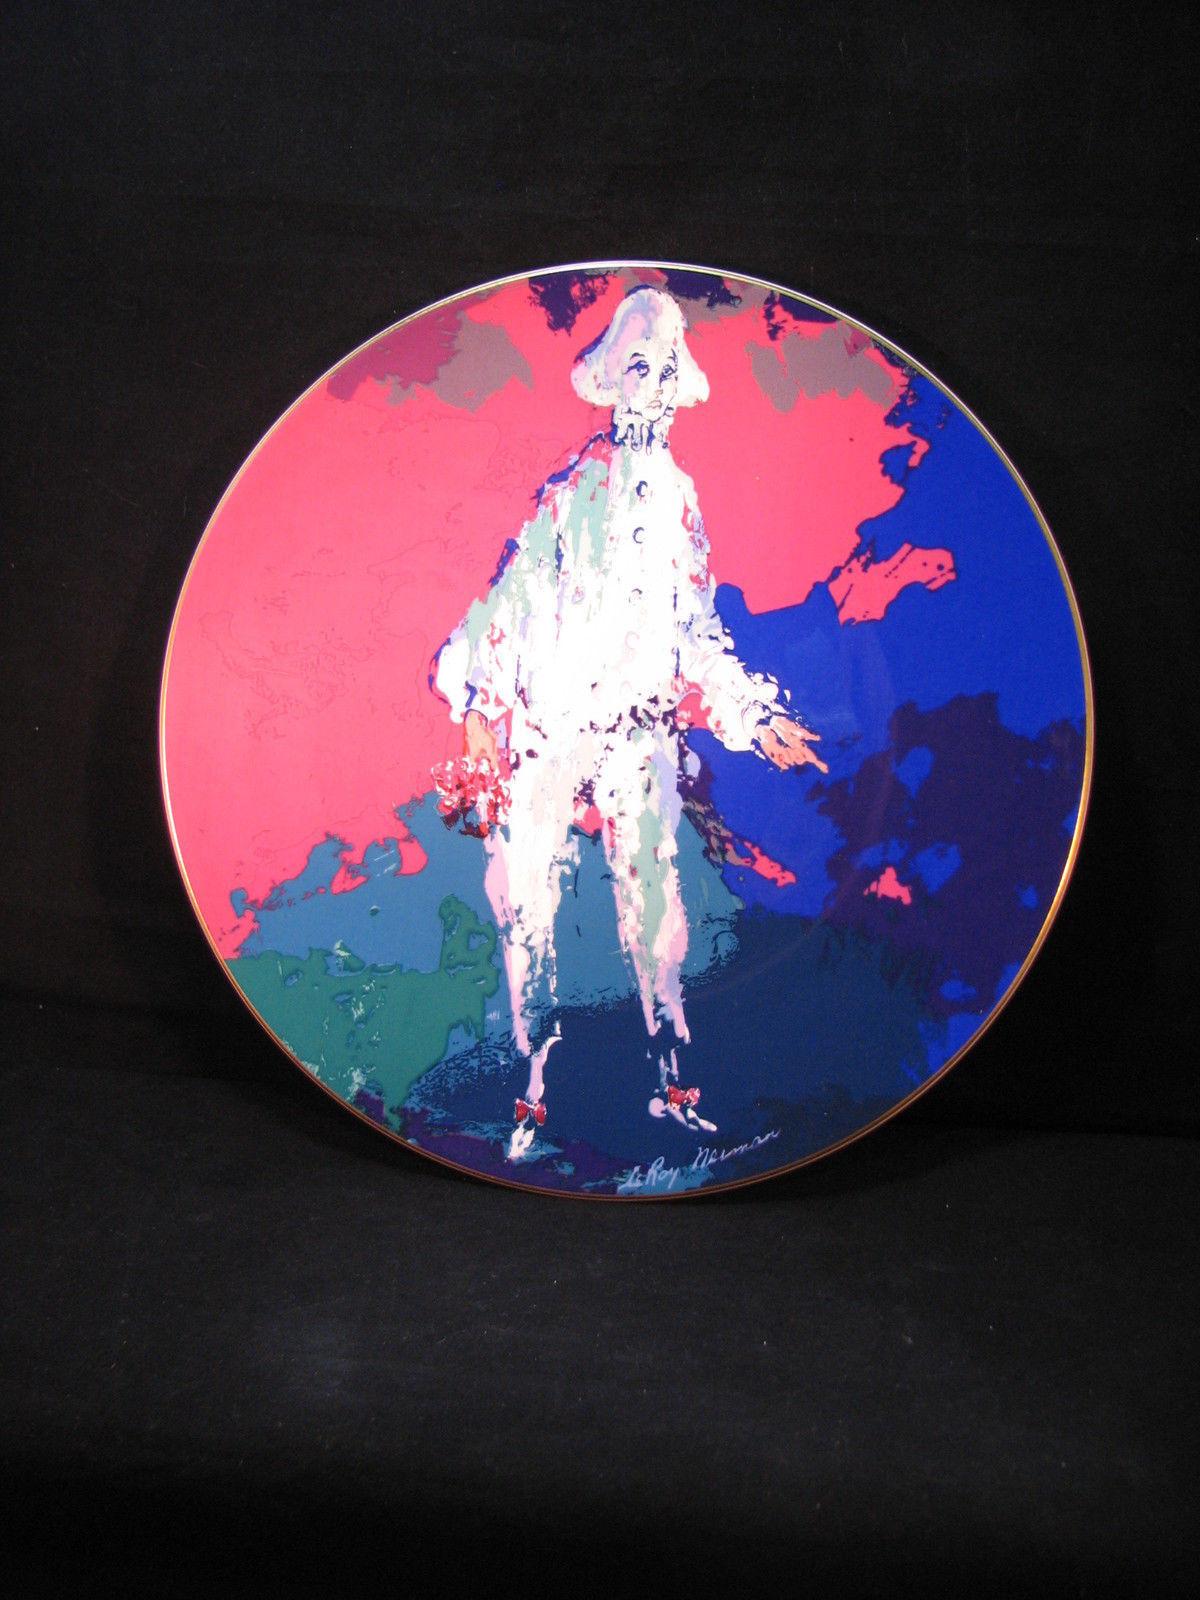 Neiman PIERROT Collector Plate Fuschia Cobalt Teal Clown 8804/15000 Orig Box VFC - $36.95